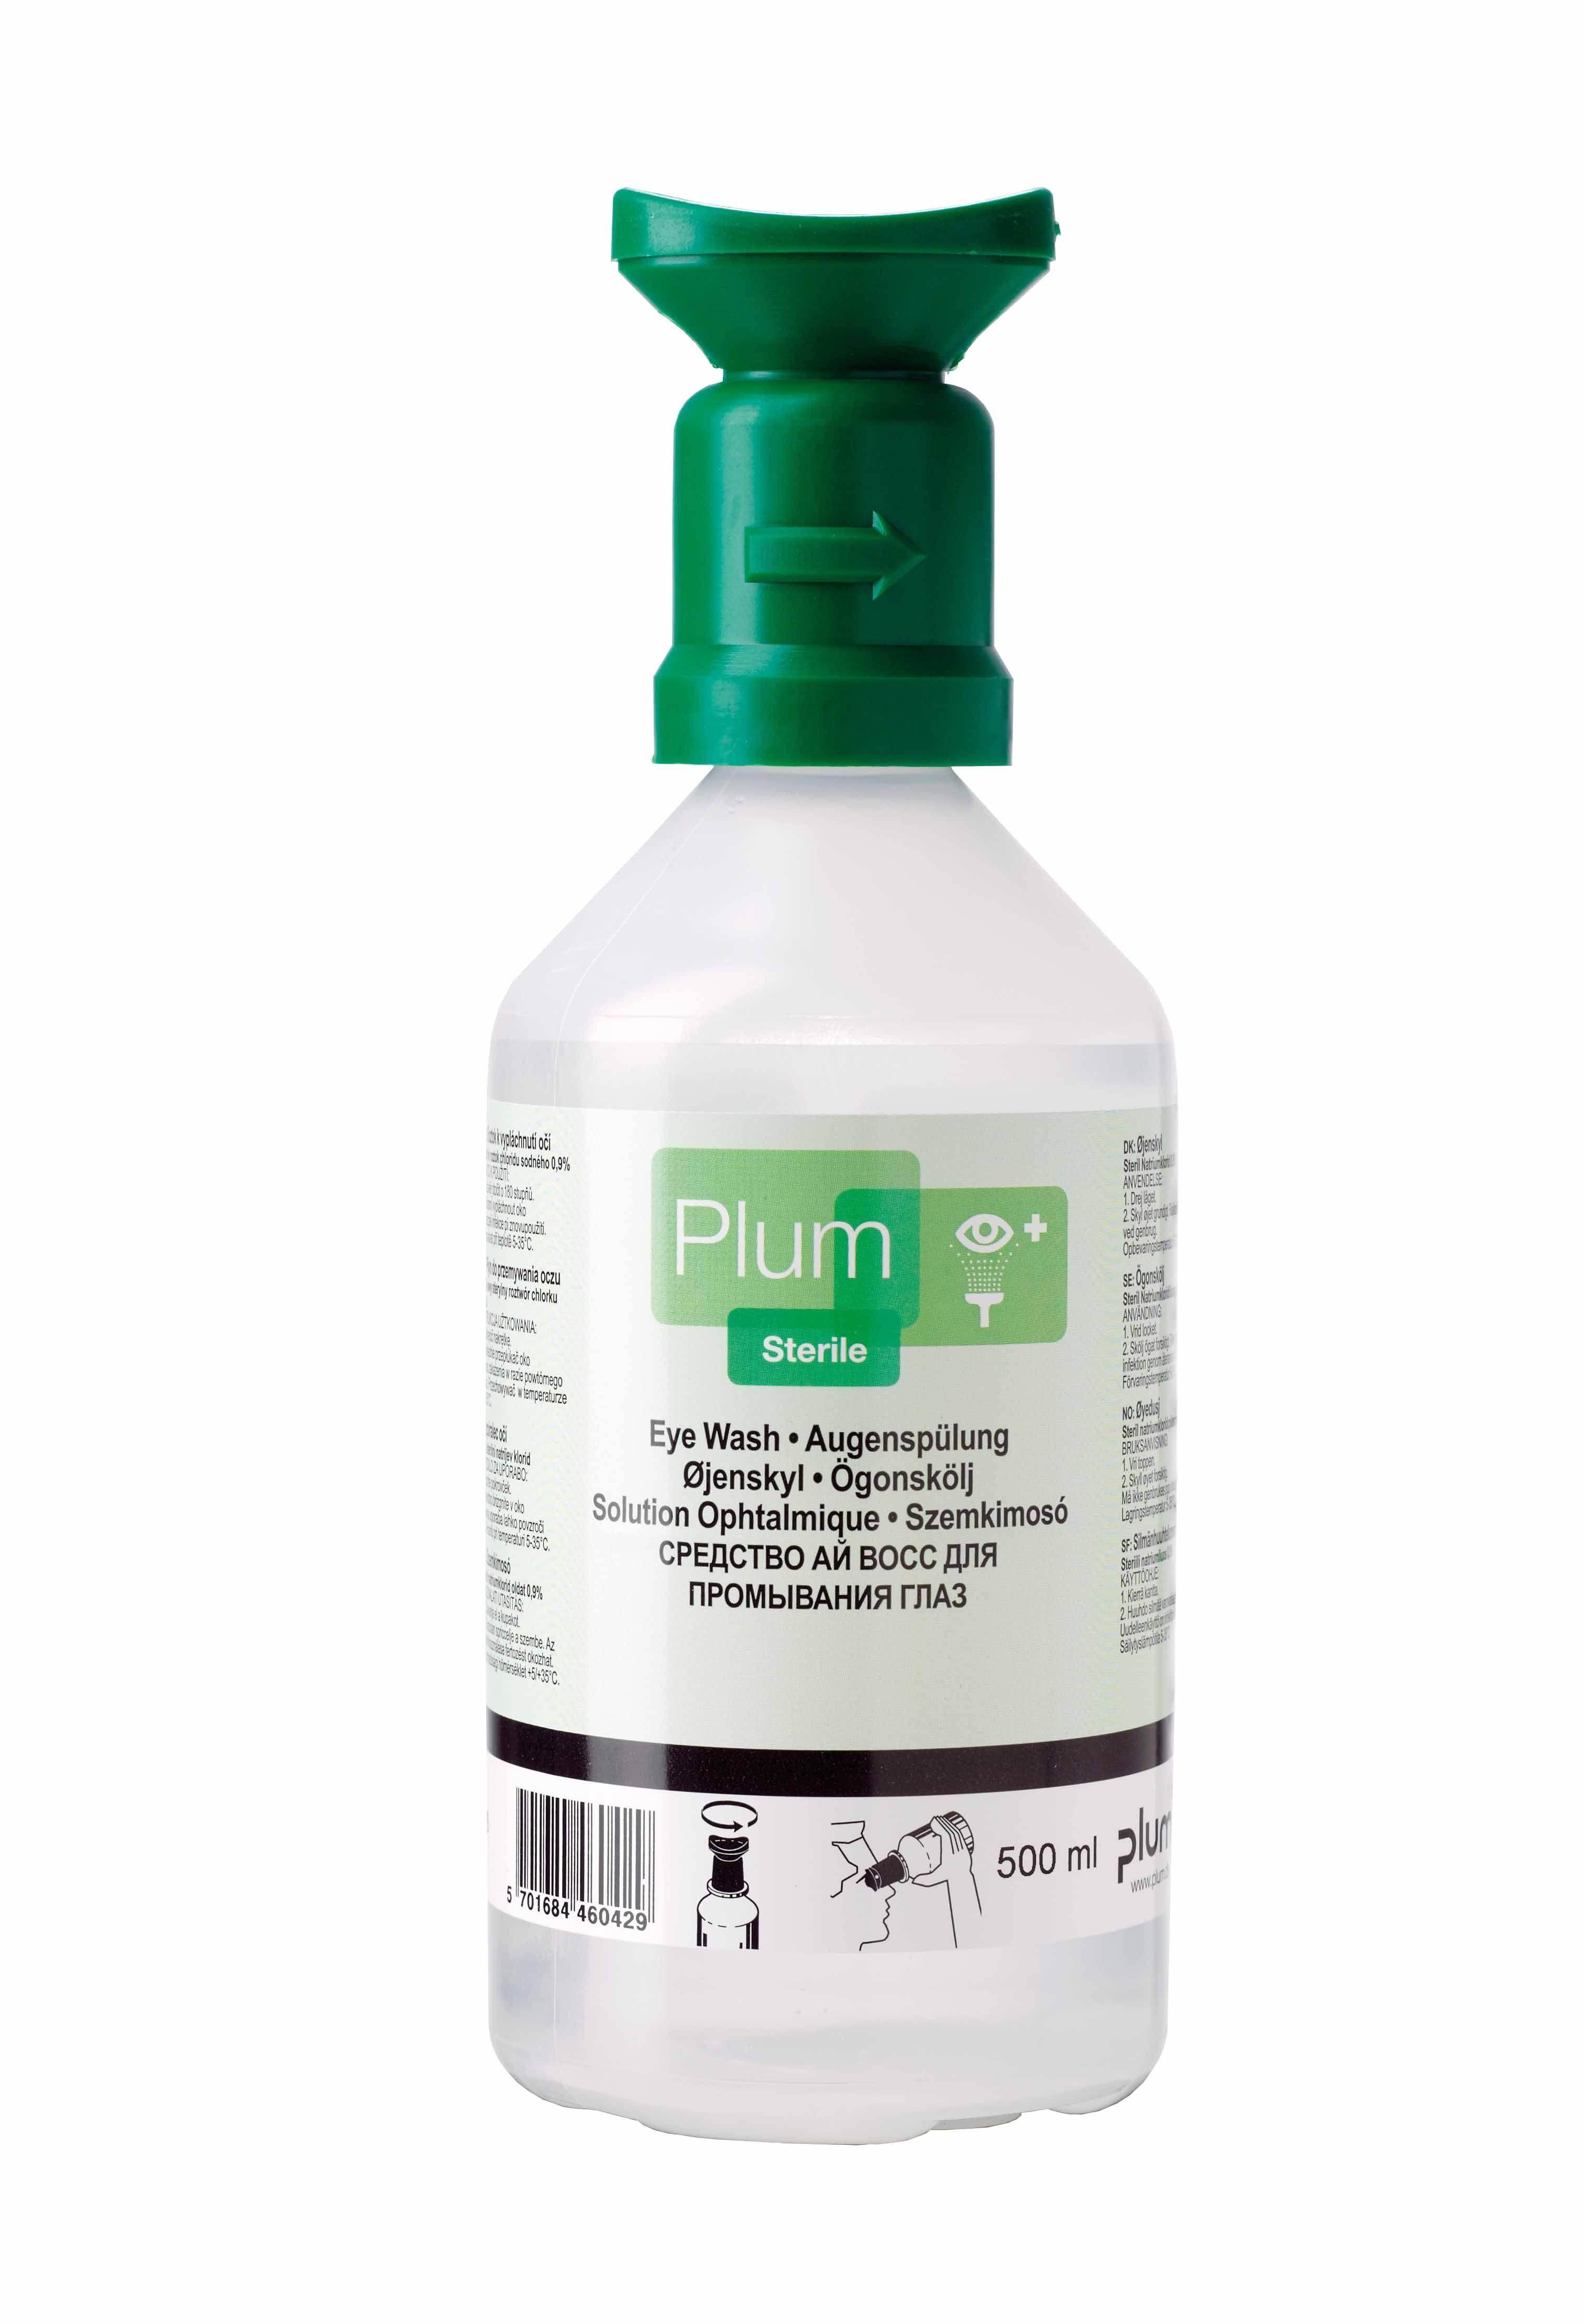 Solutie sterila de clatire a ochilor PLUM, 500 ml [0]